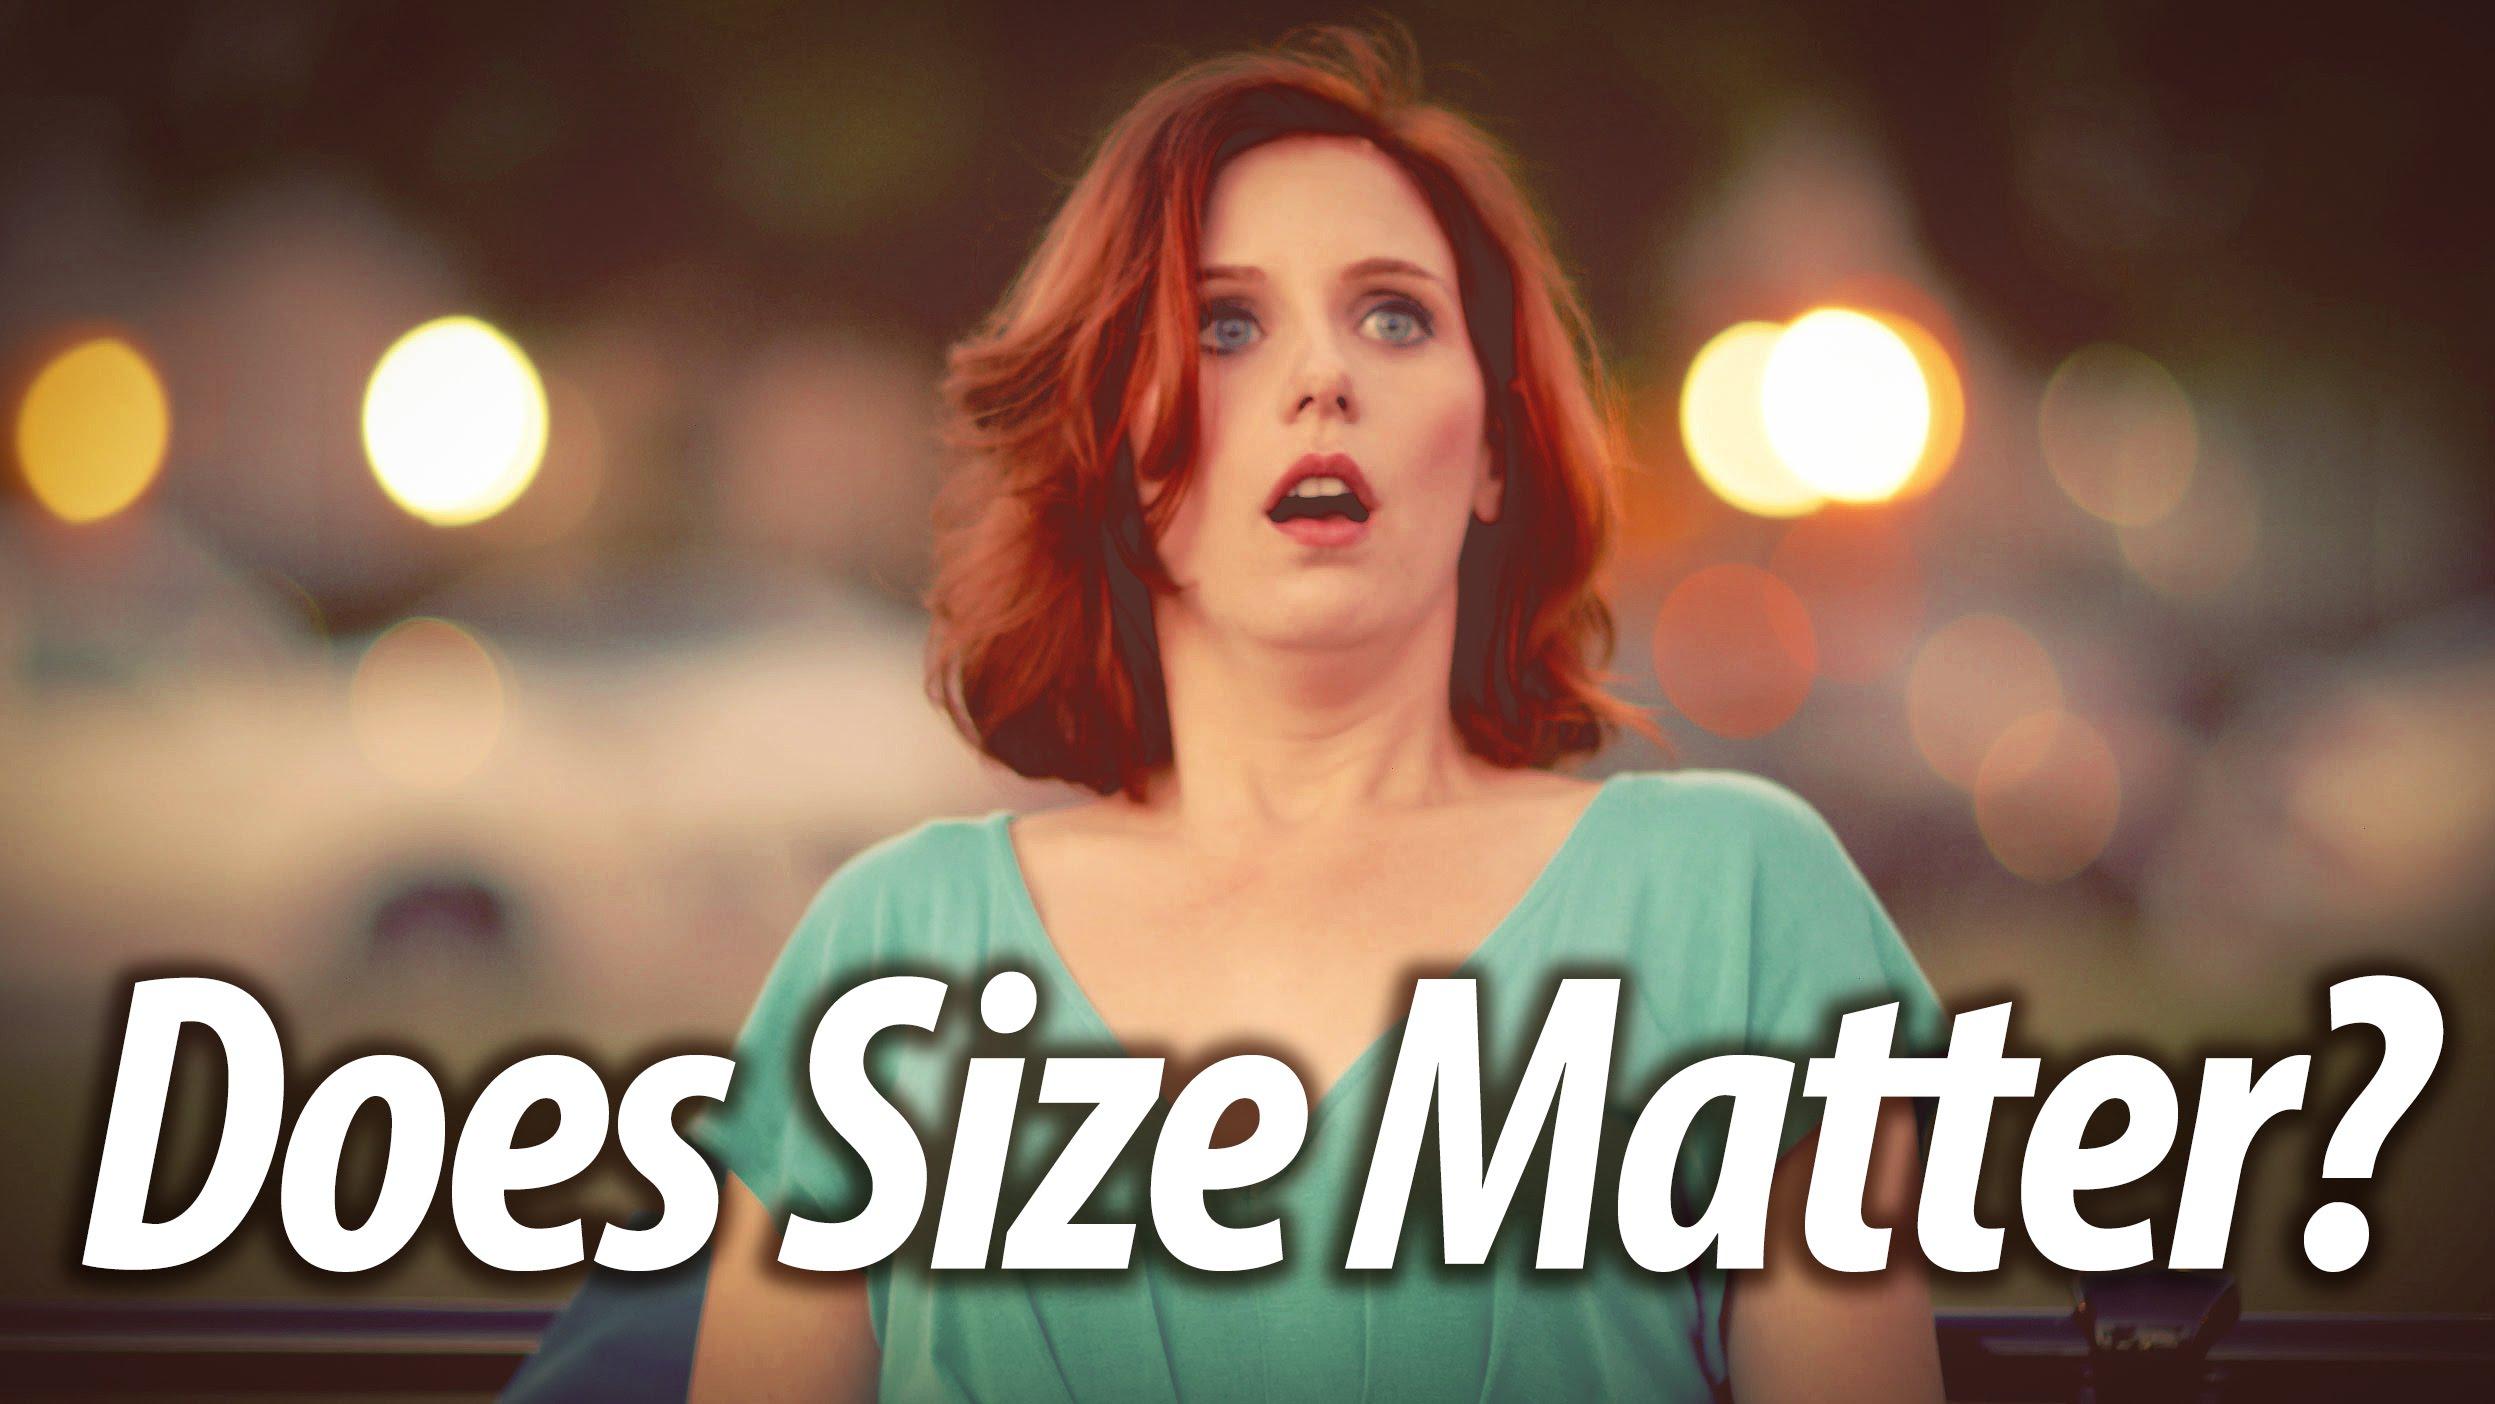 size matter 0001 image